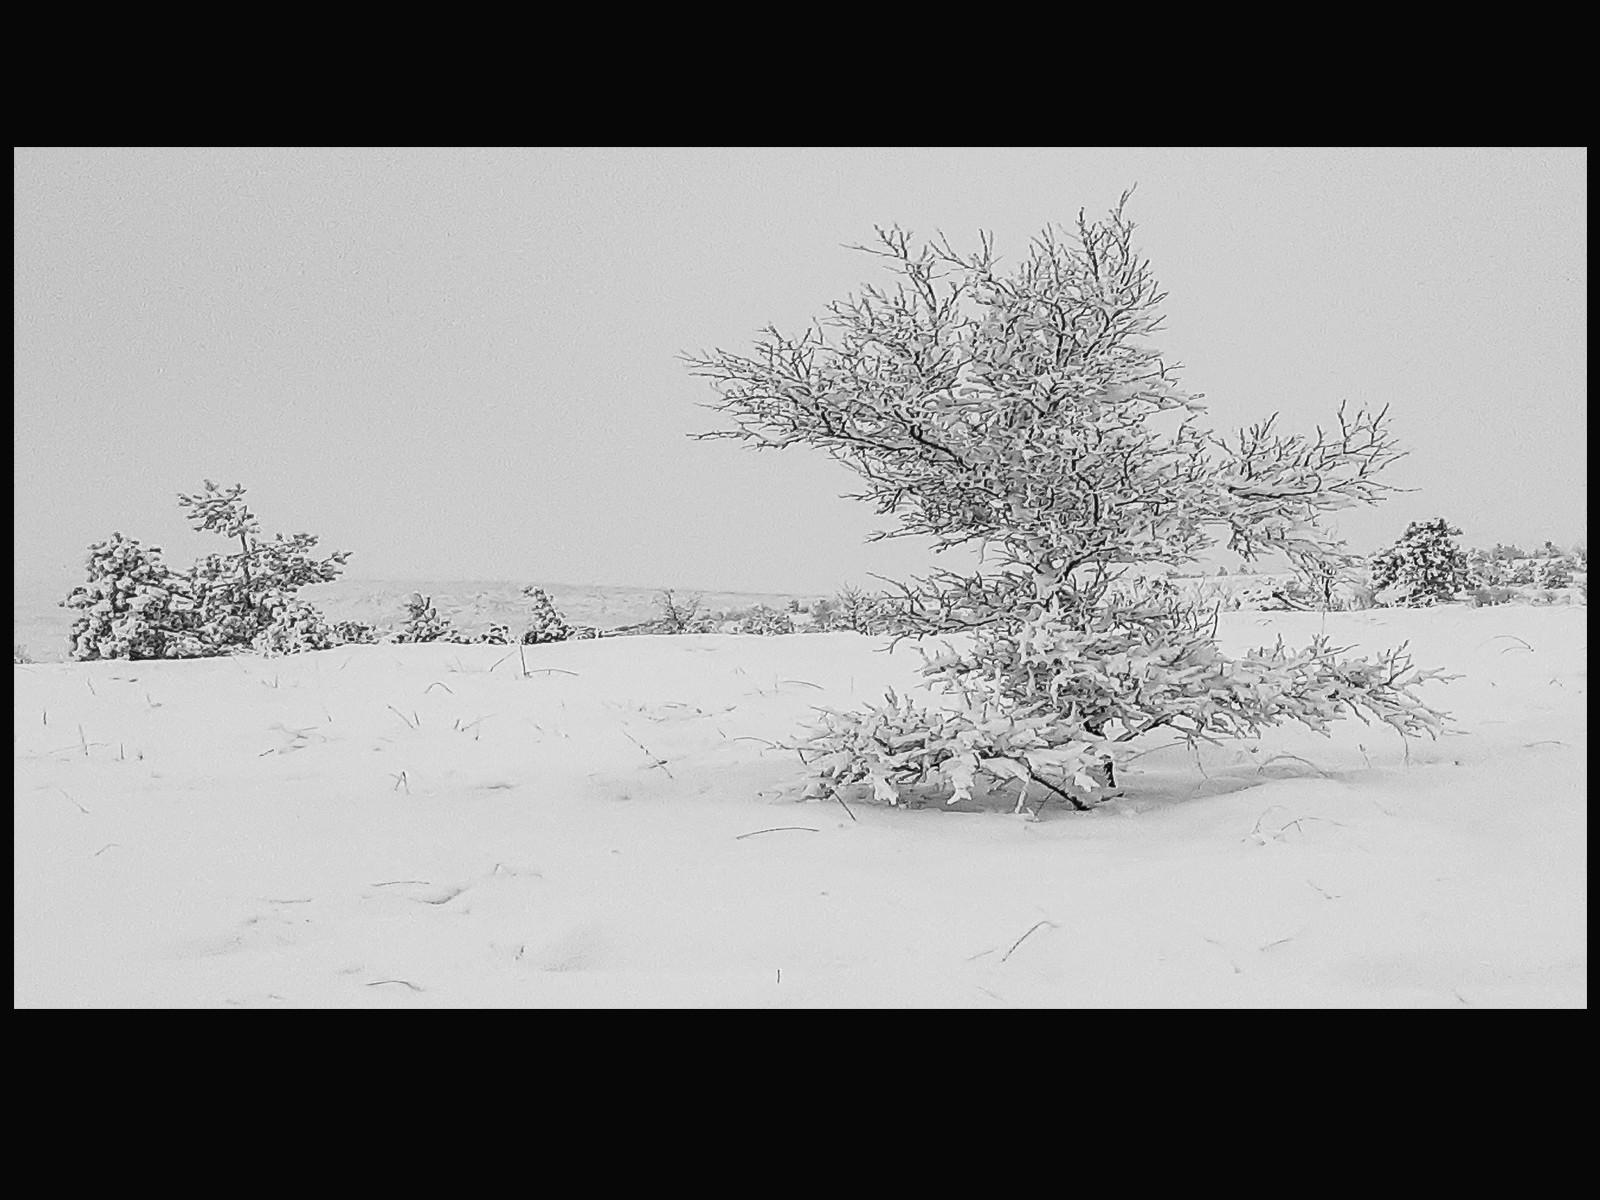 16. White Hill